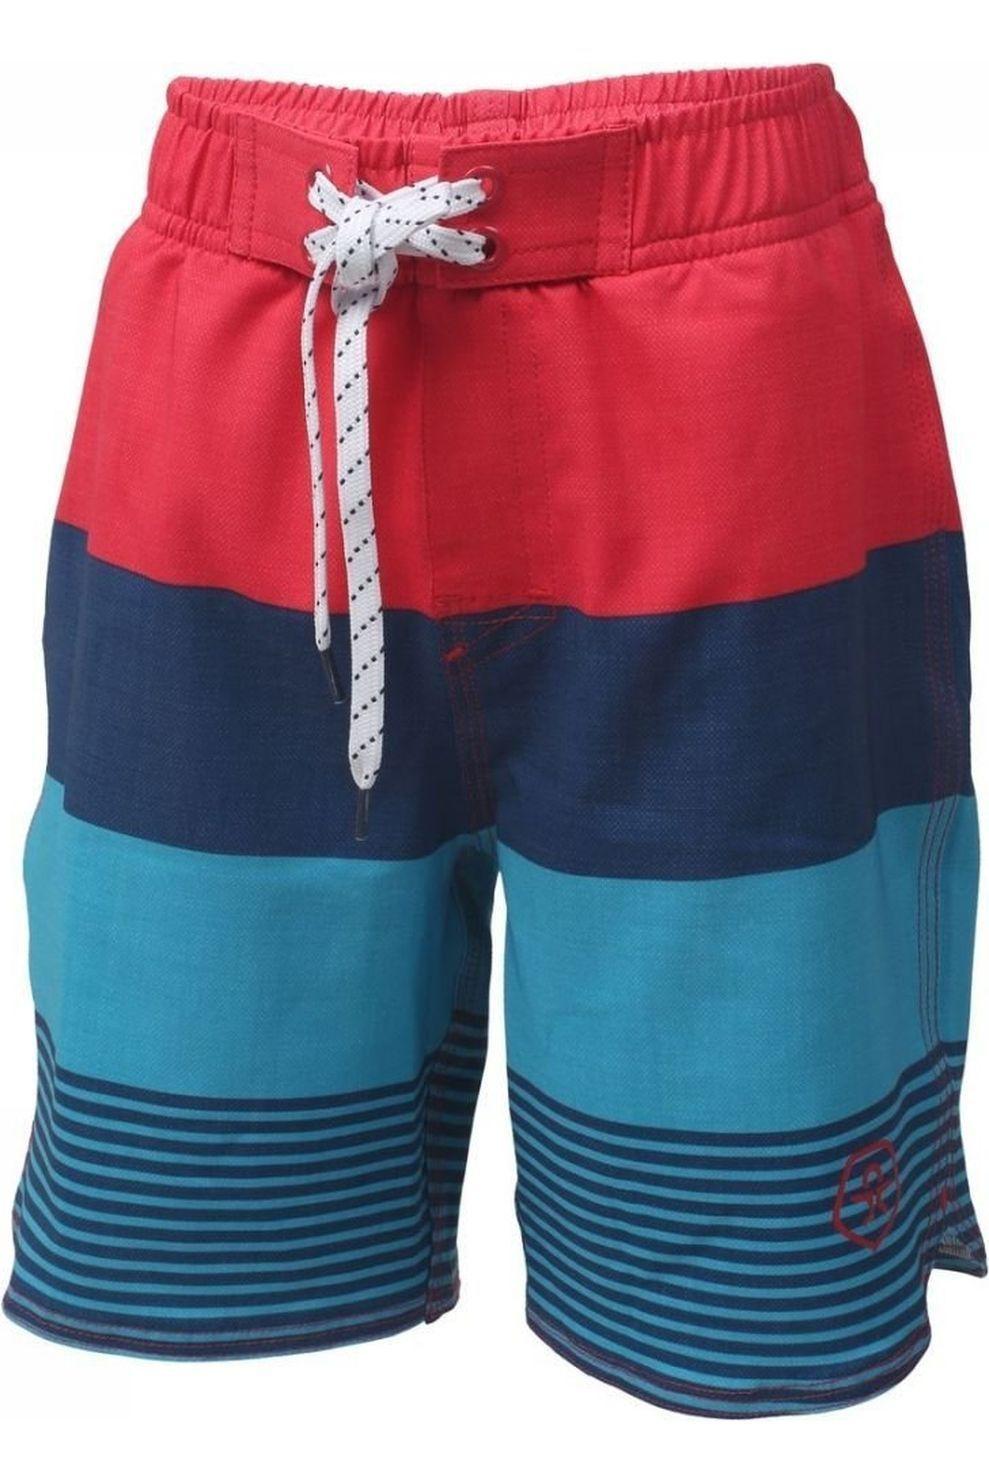 Color Kids Zwemshort Nelta voor jongens - Rood/Blauw - Maten: 92, 128